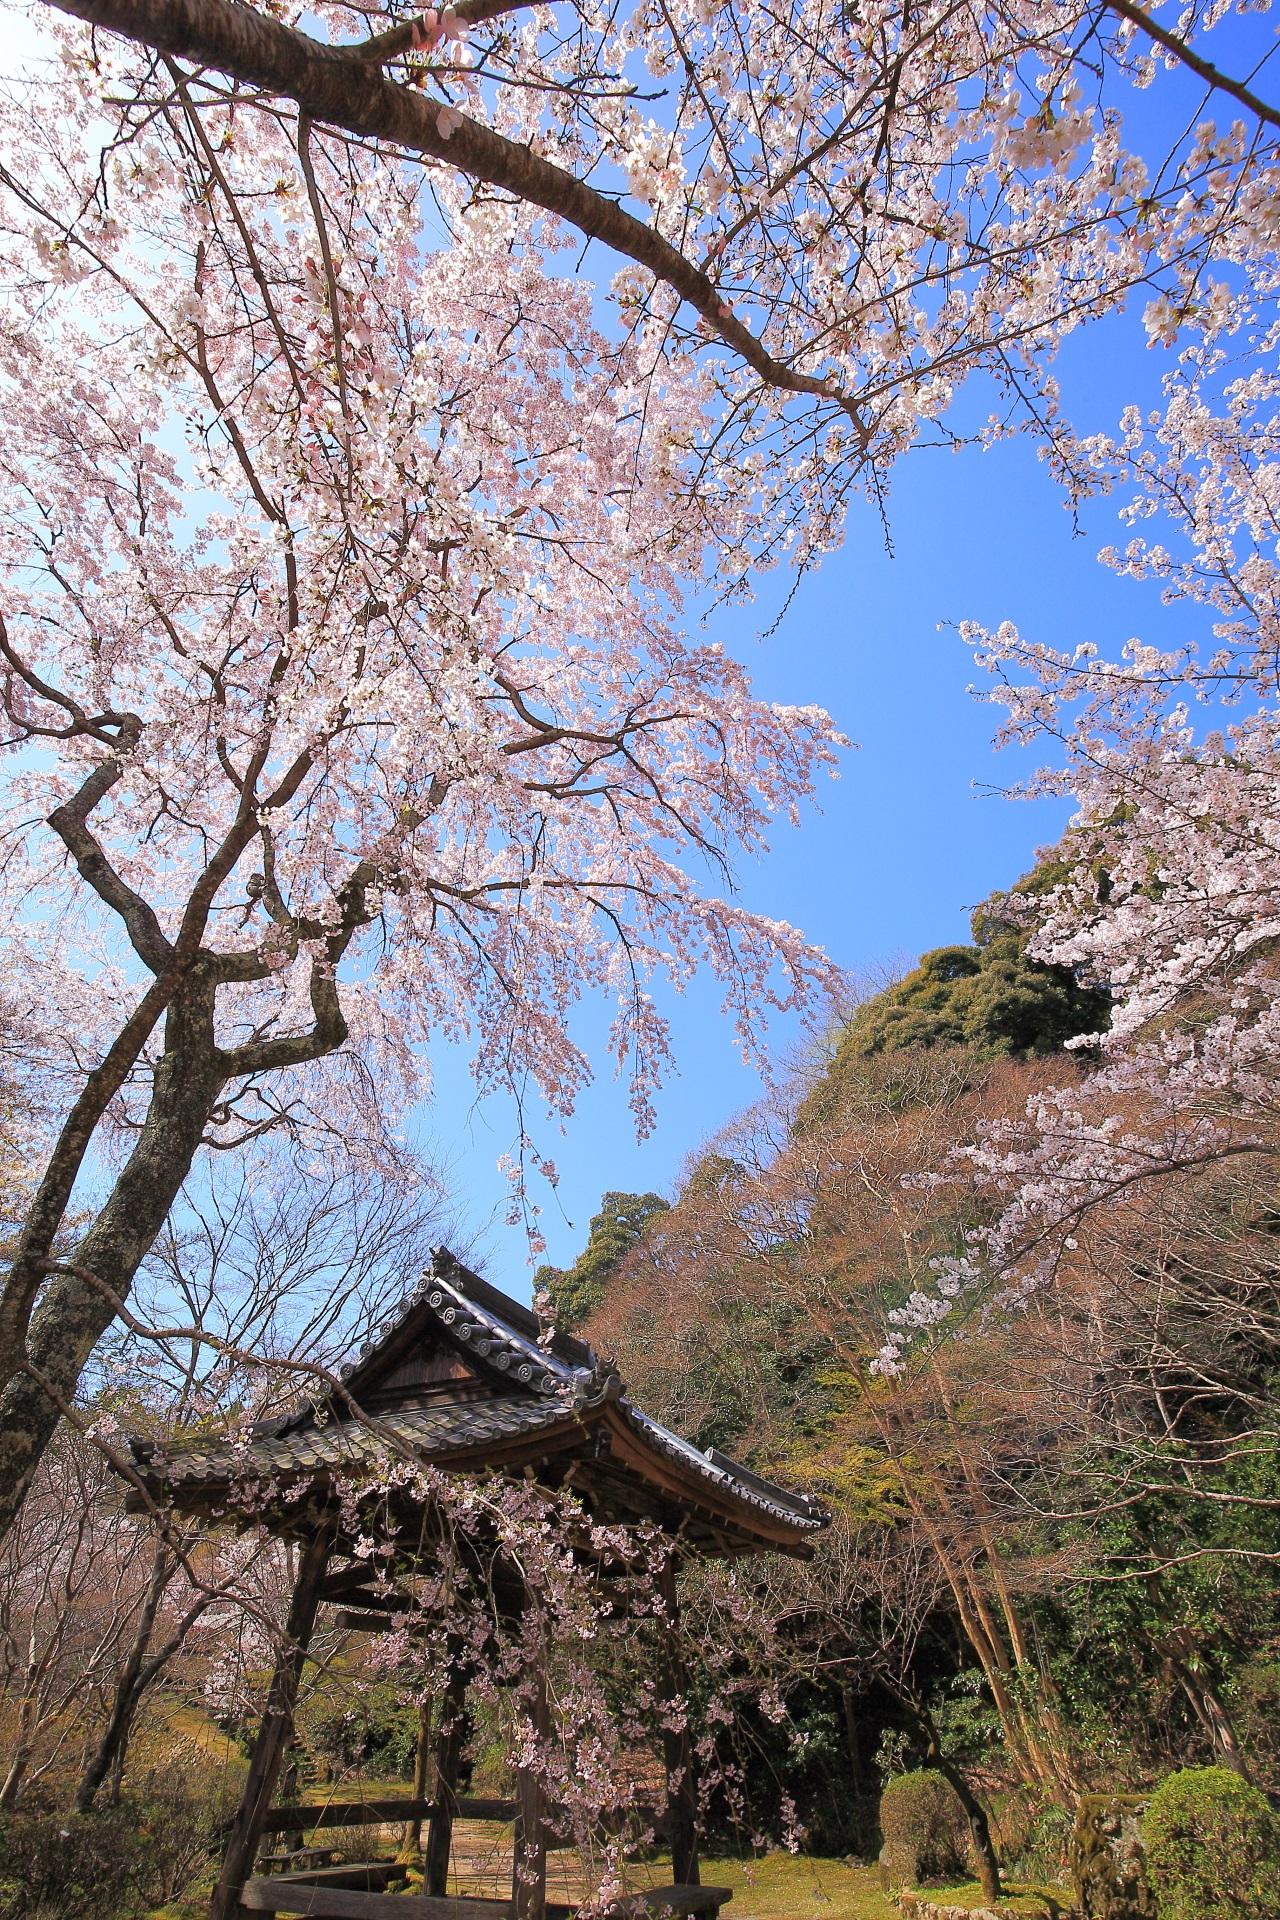 勝持寺の素晴らしい西行桜や春色の情景